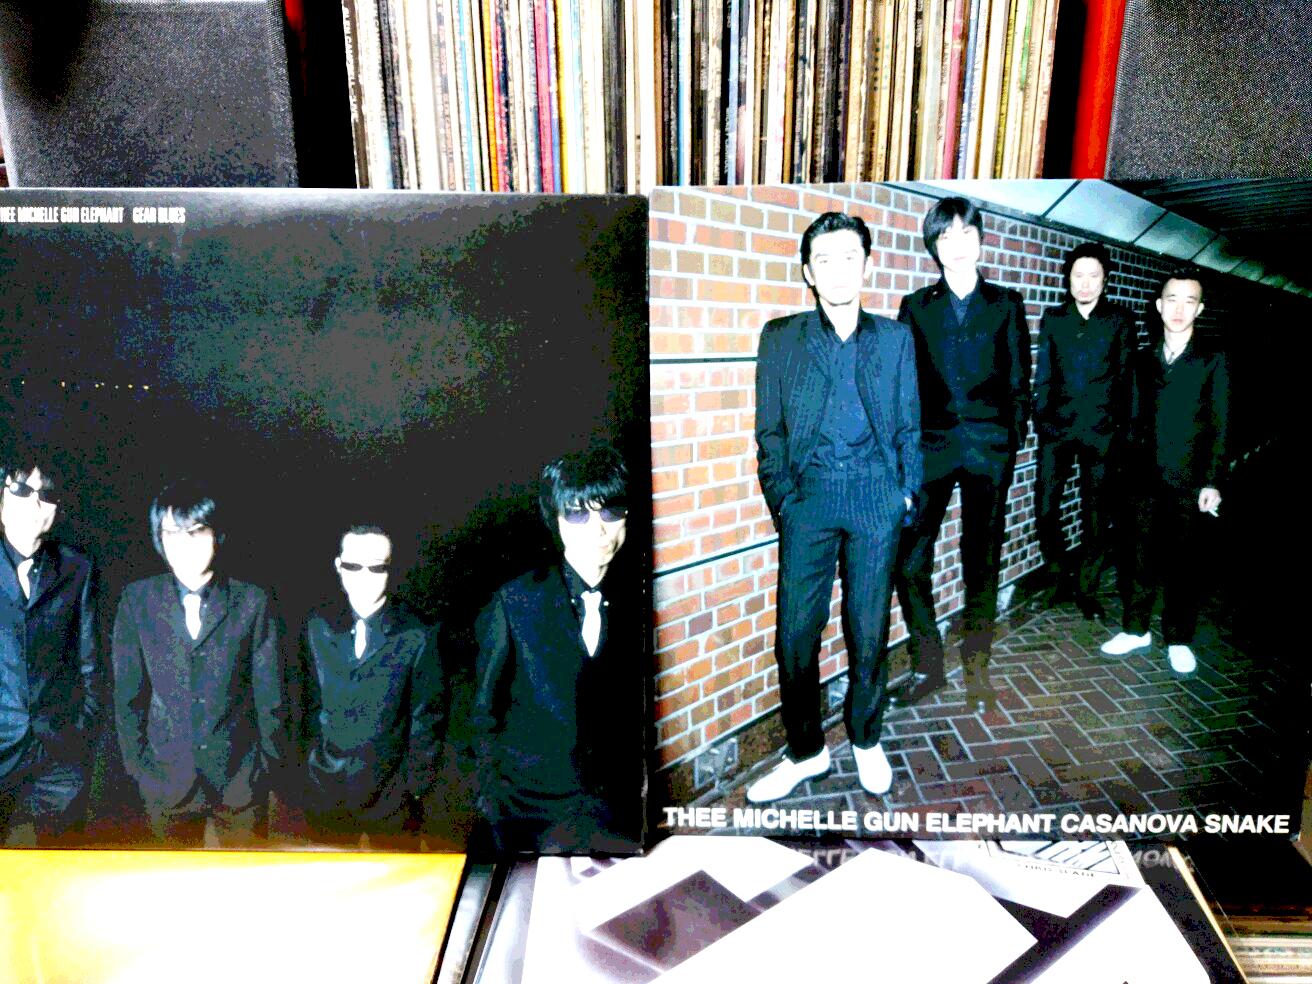 1991年にデビューし、2003年に解散したミッシェル・ガン・エレファント。ソリッドなロックンロールを聴かせる